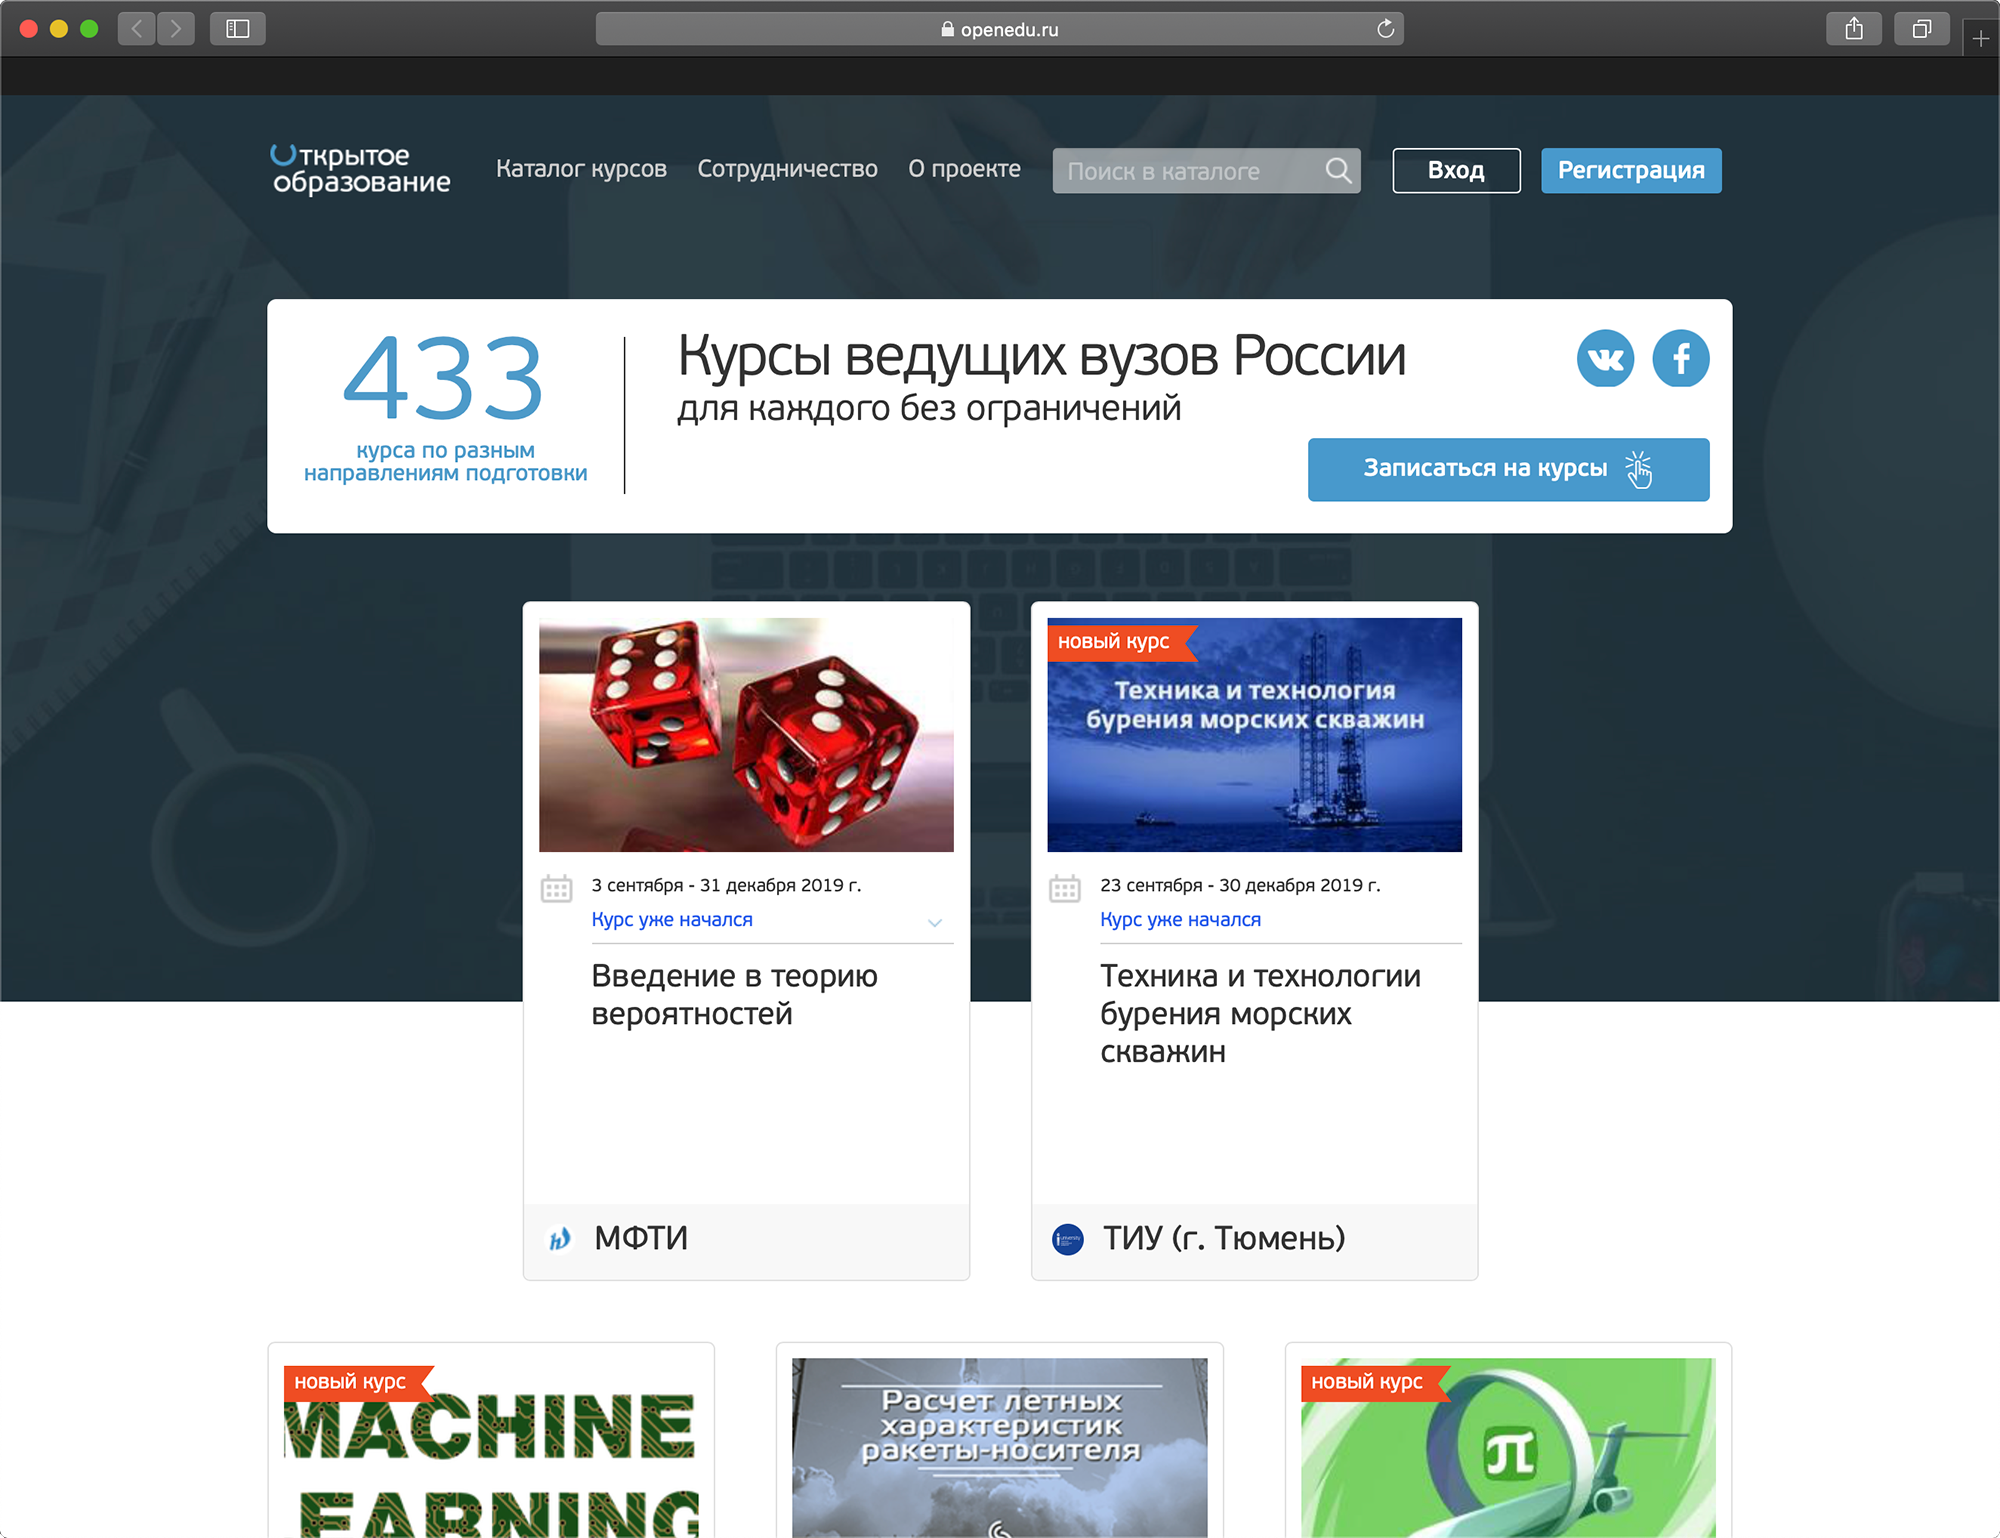 - Примерно 150 бесплатных онлайн-курсов на русском языке: Учиться народном языке, нетратя при этом нирубля